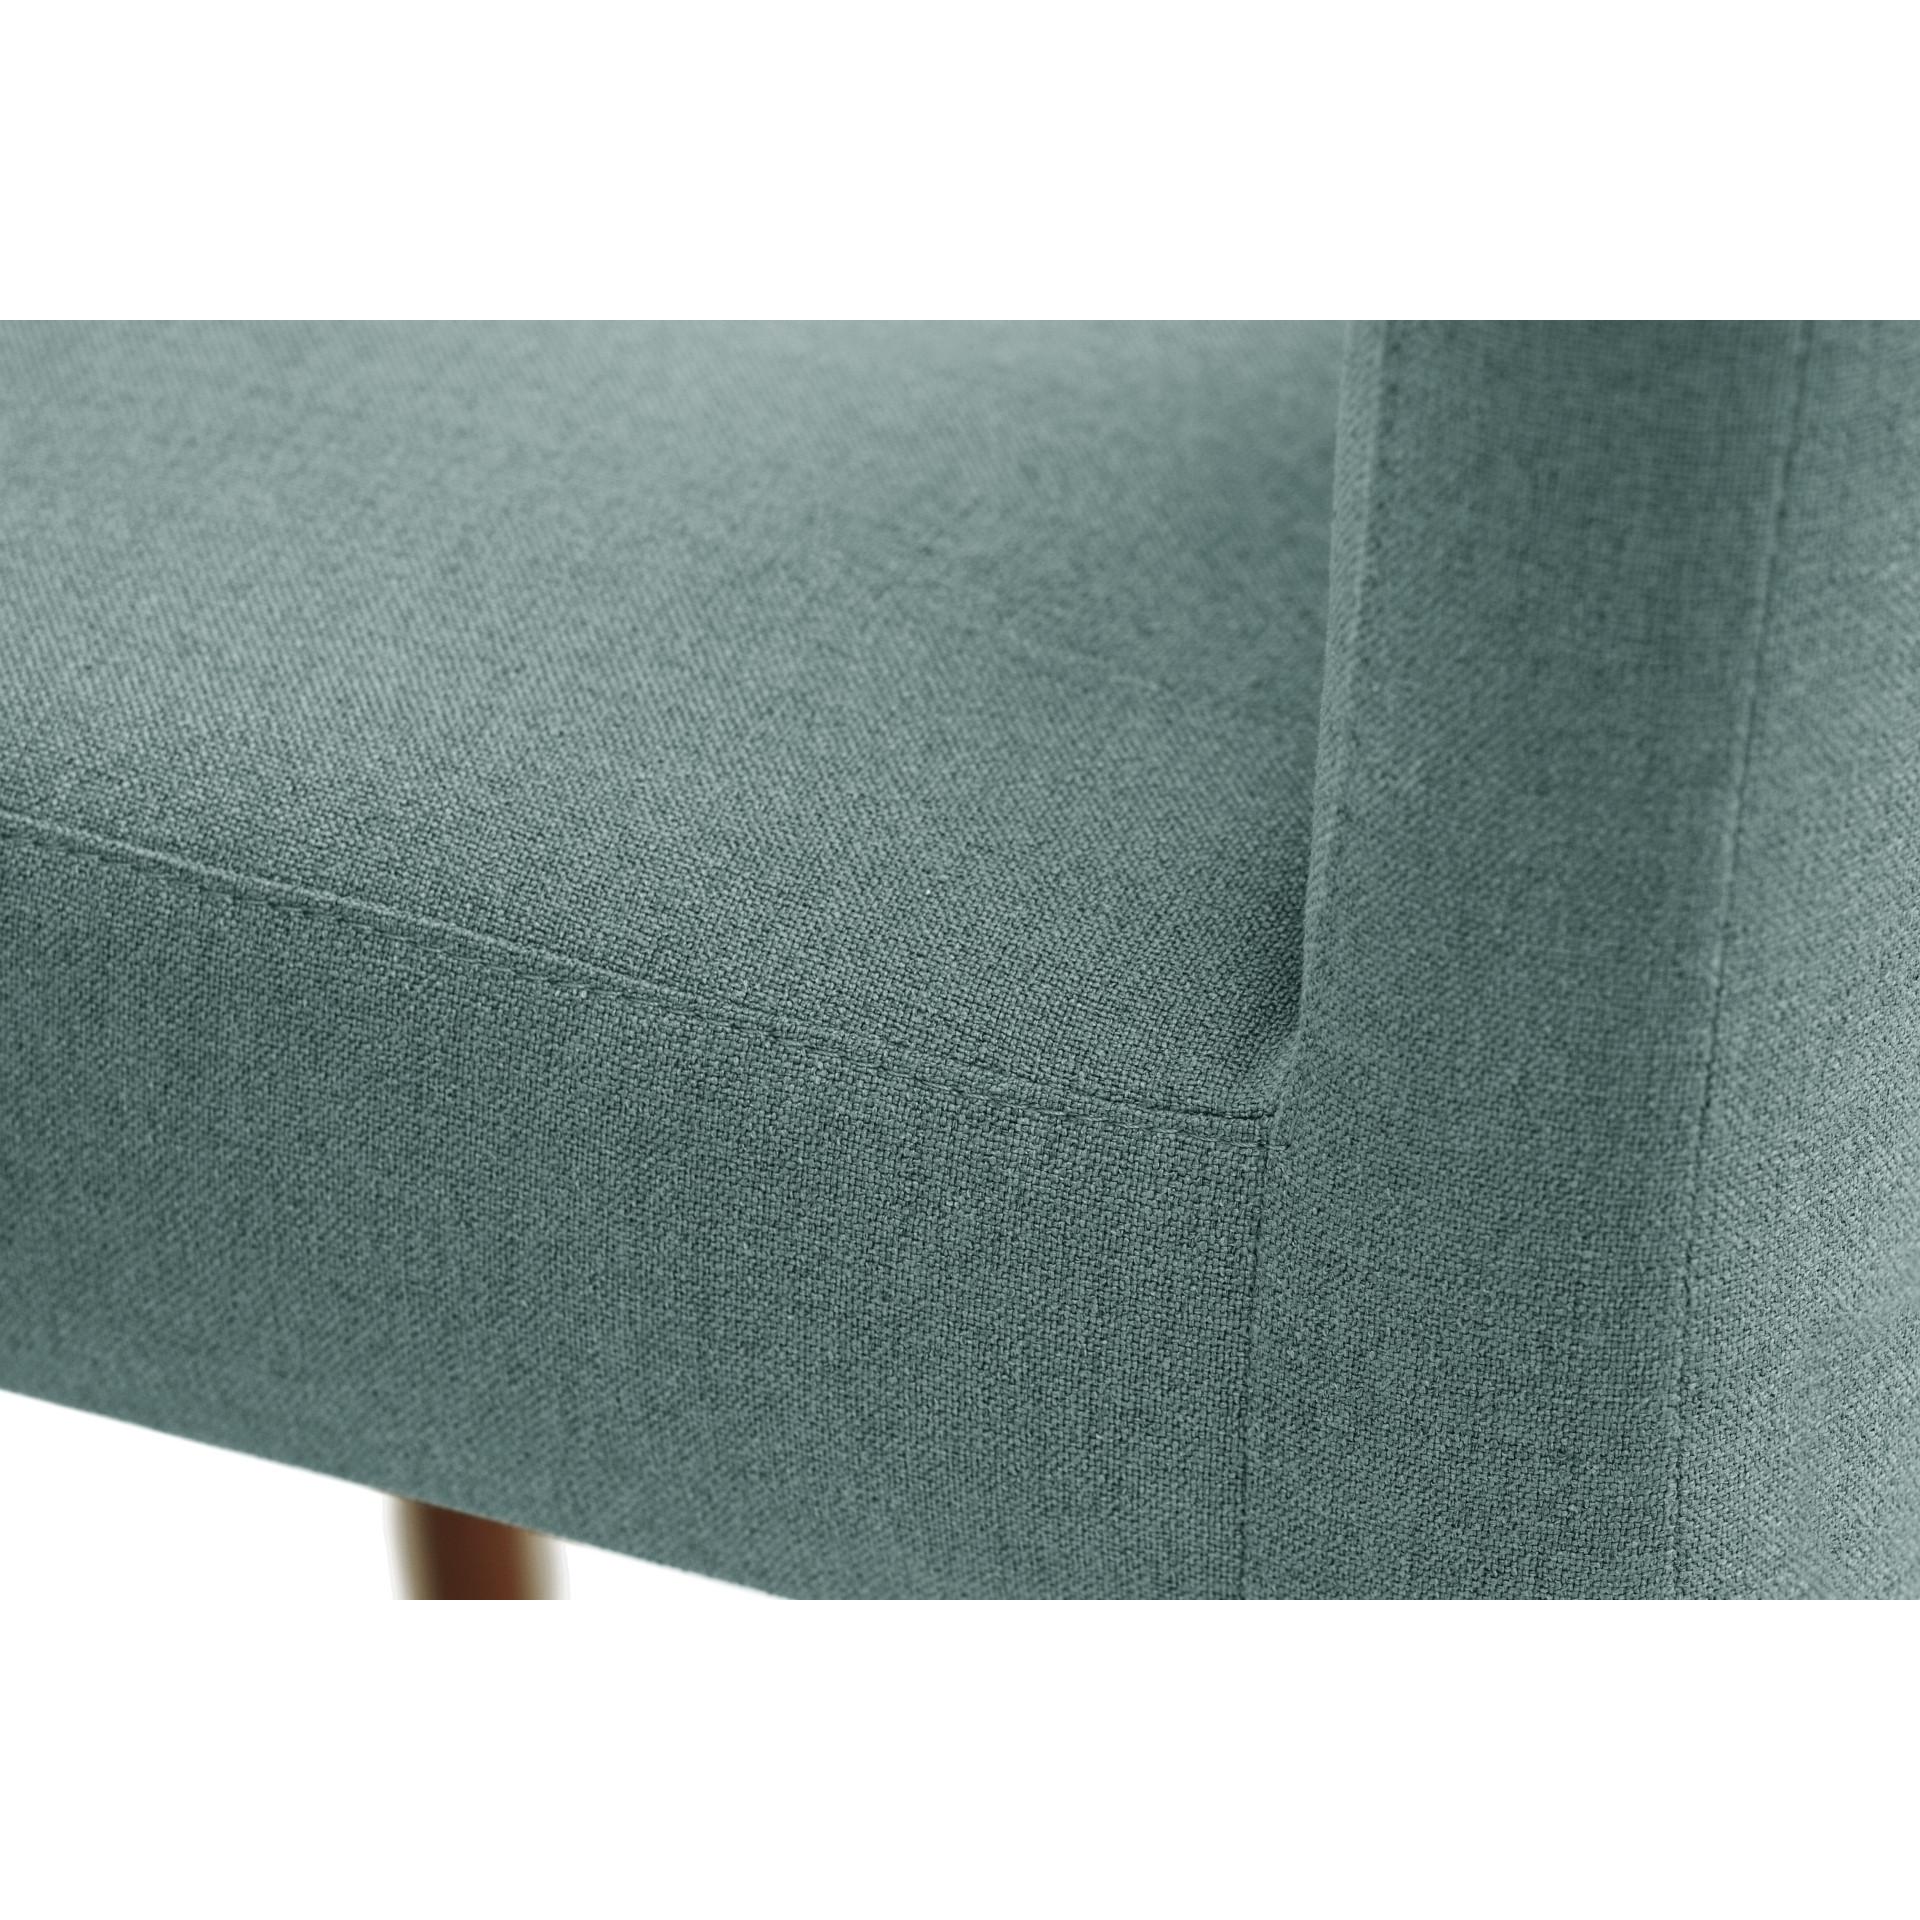 Parfum de fauteuil   Jambes marron   Dossier gris vert   Lot de 2